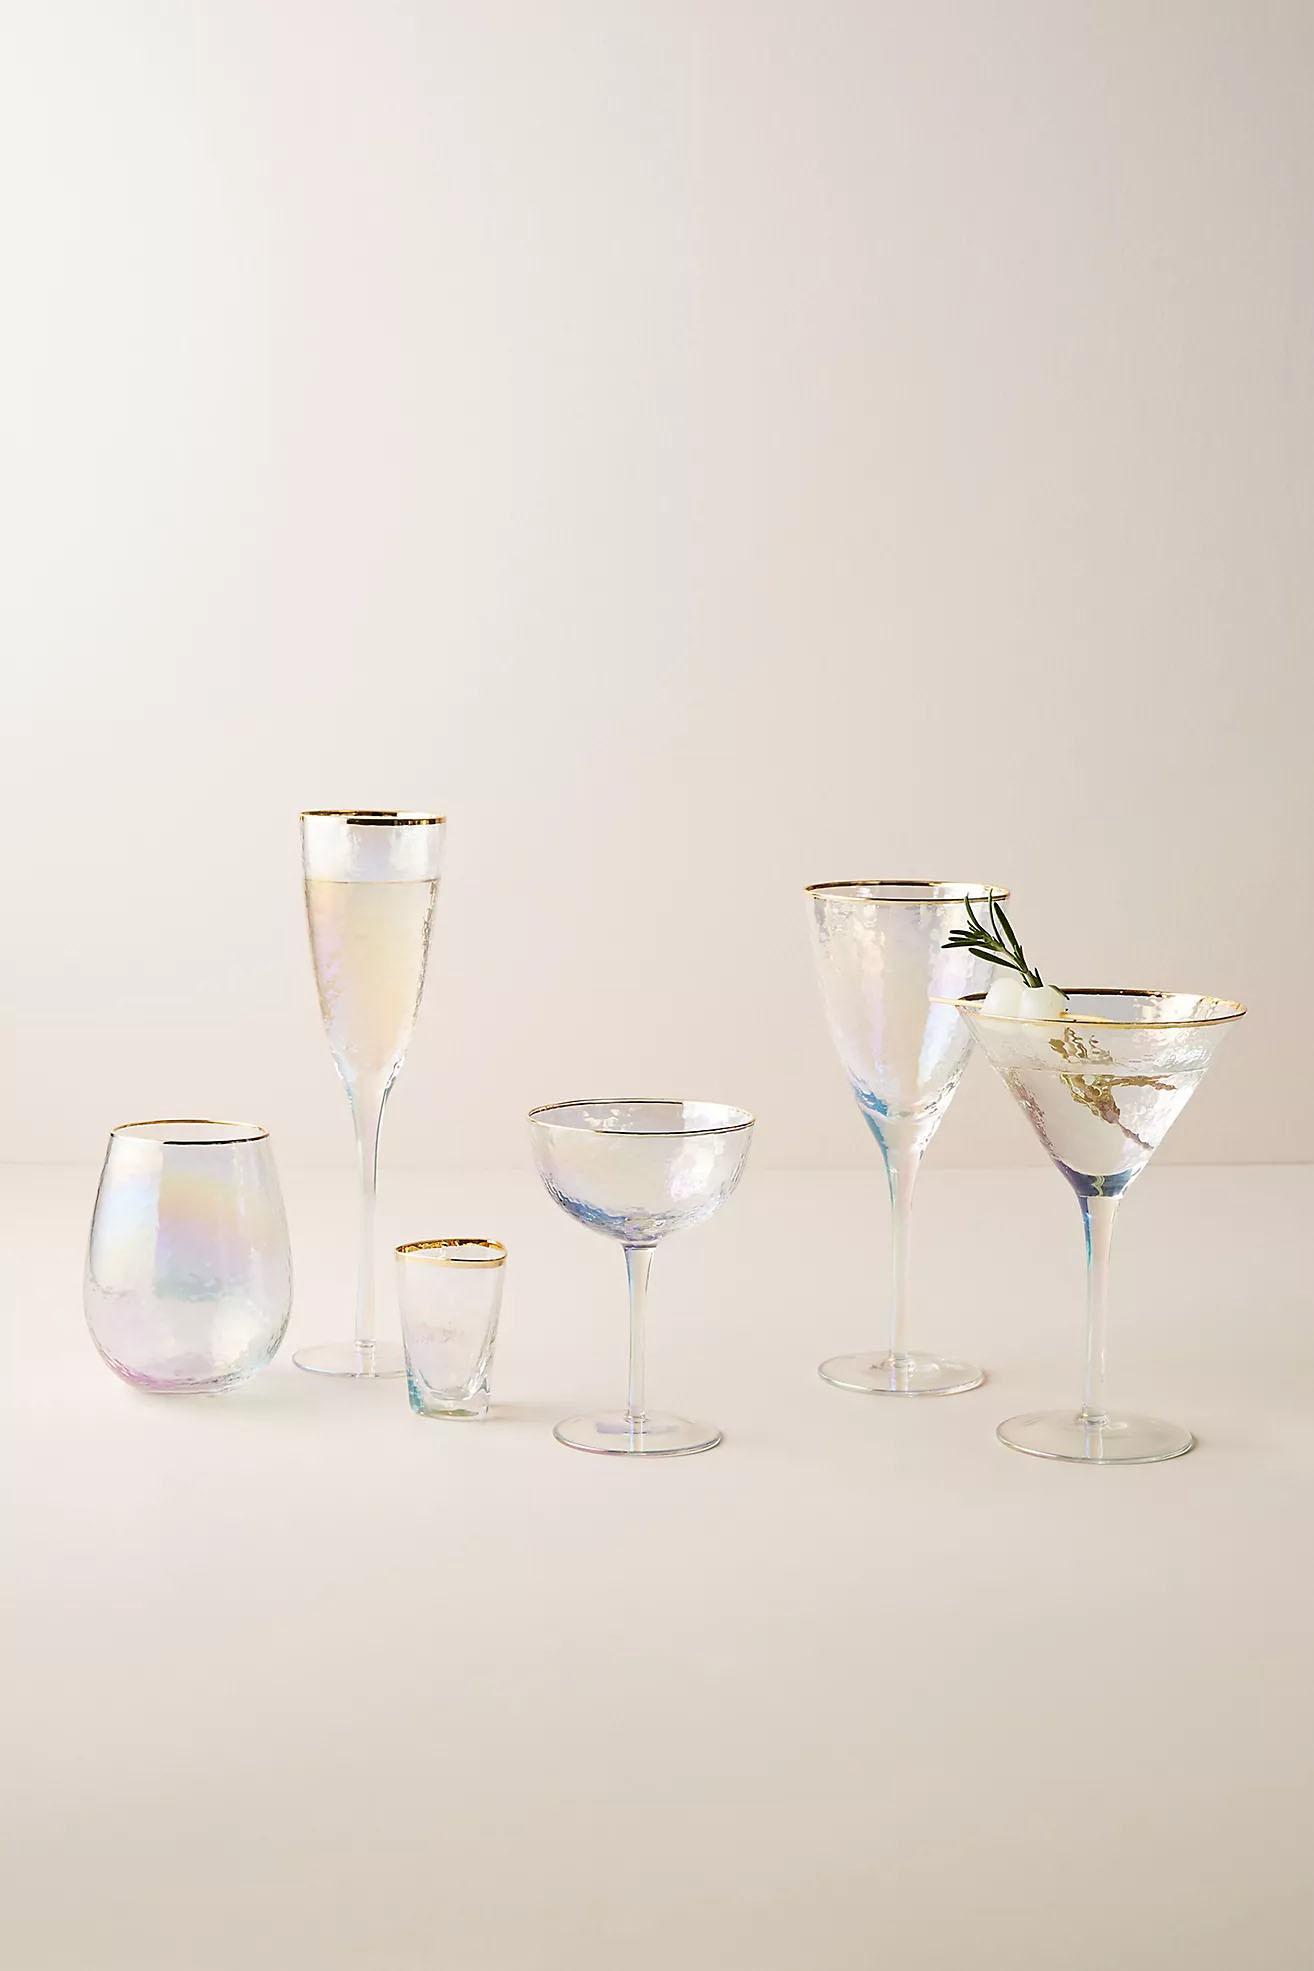 souvenir golf bordé demoiselle d'honneur verres à vin idée cadeau de fête de mariage